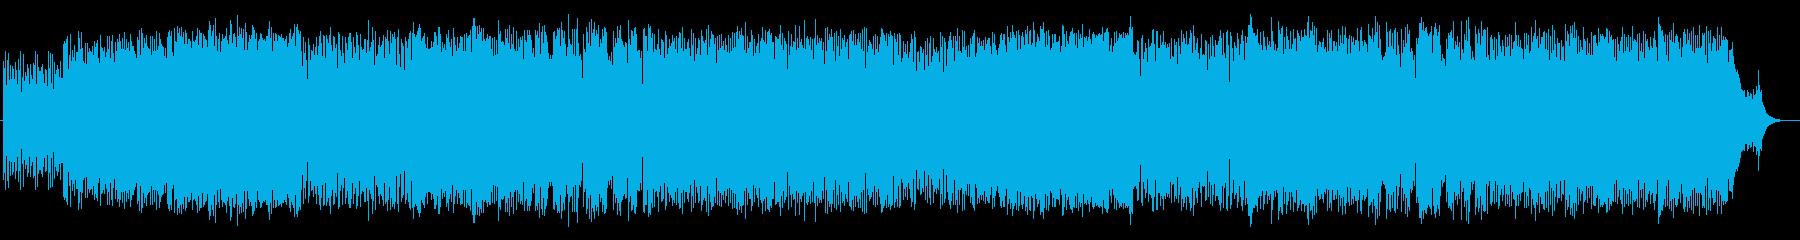 スピードと宇宙感あるシンセサイザーテクノの再生済みの波形